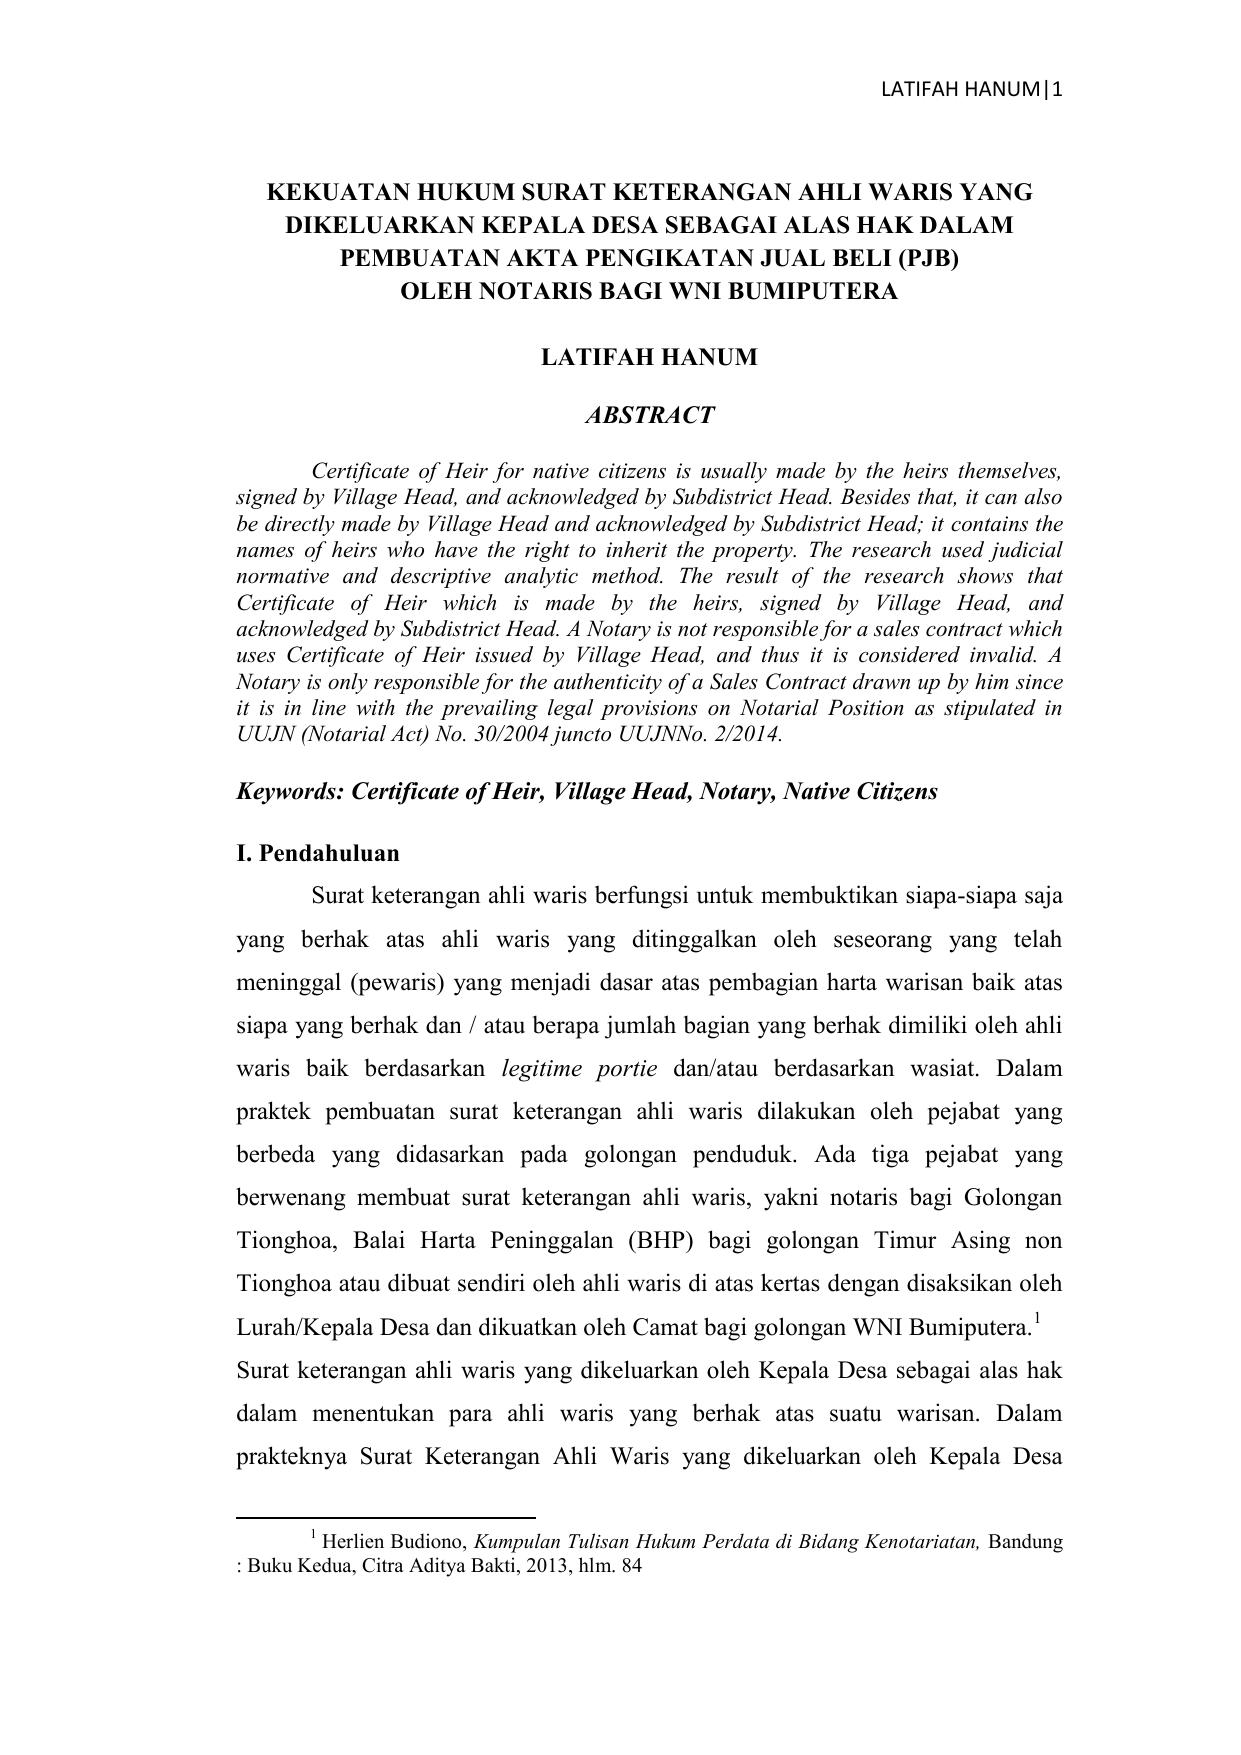 Kekuatan Hukum Surat Keterangan Ahli Waris Yang